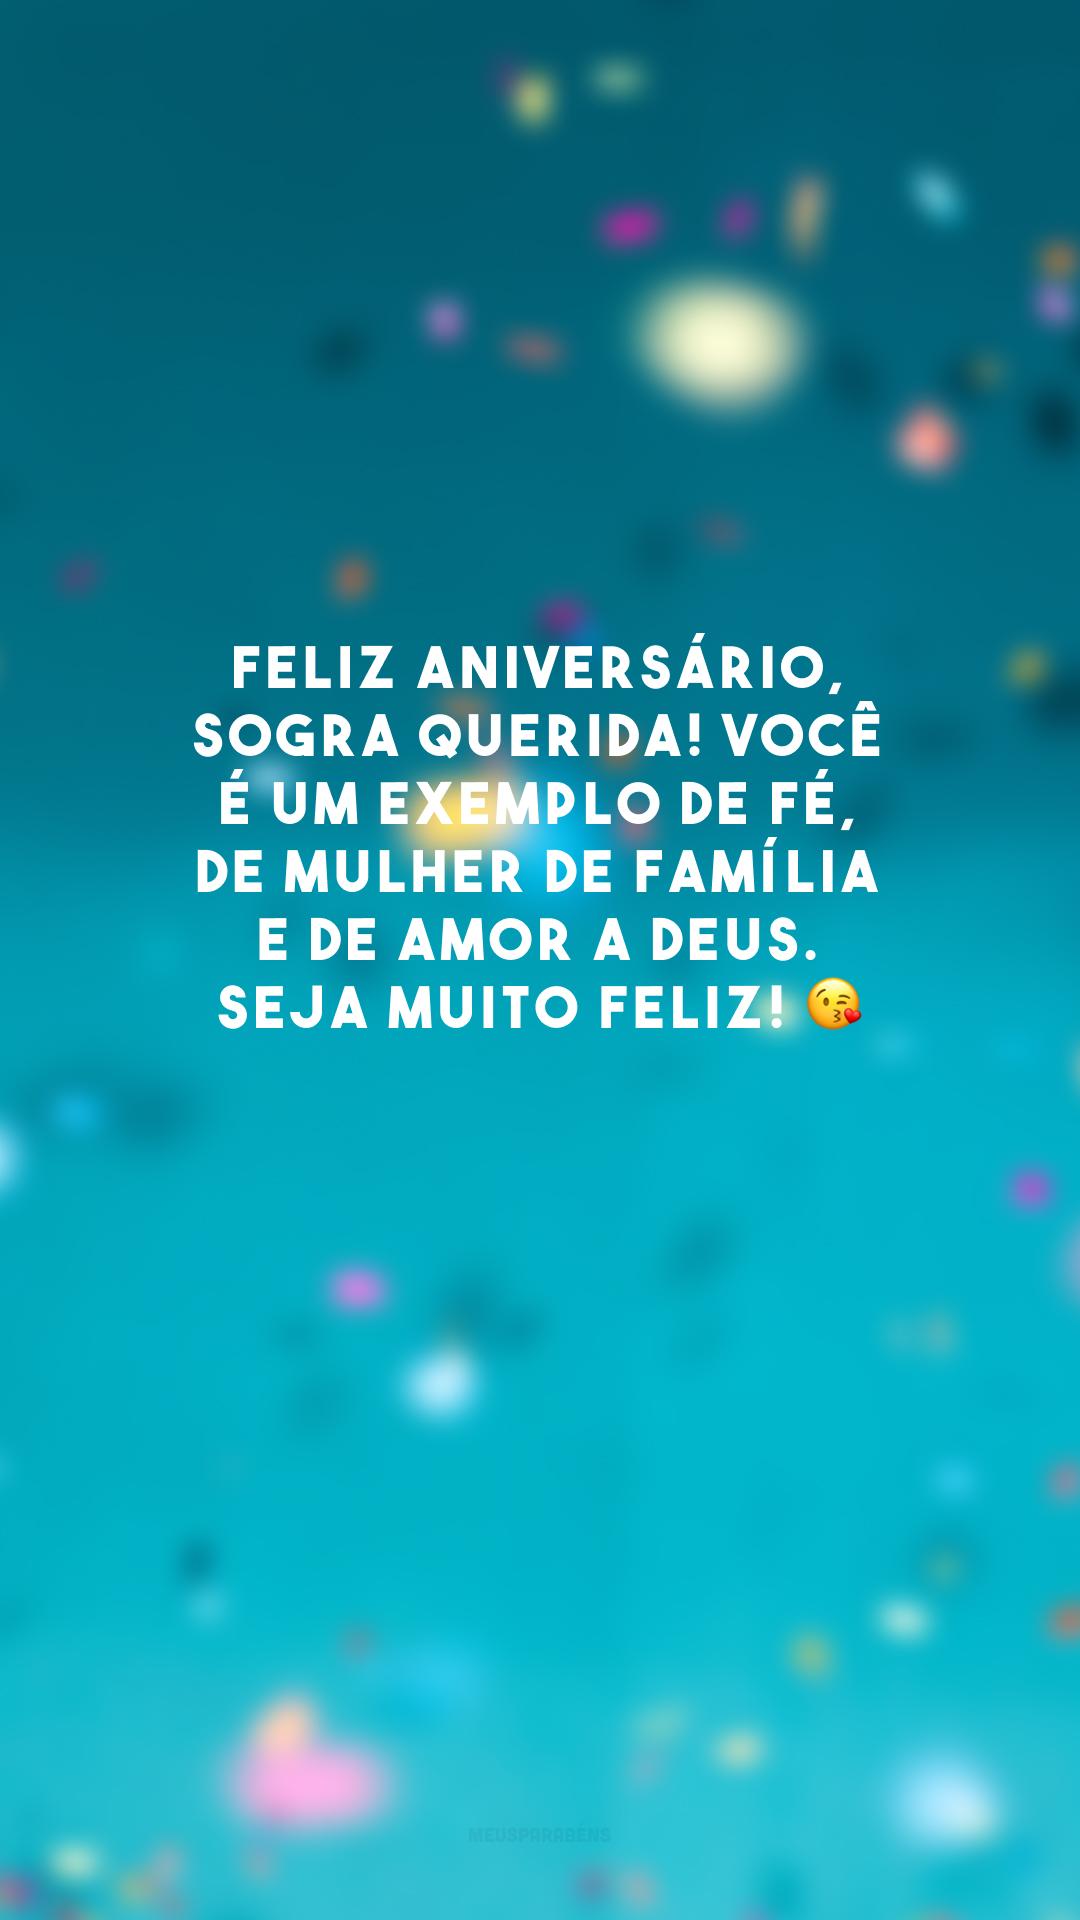 Feliz aniversário, sogra querida! Você é um exemplo de fé, de mulher de família e de amor a Deus. Seja muito feliz! 😘